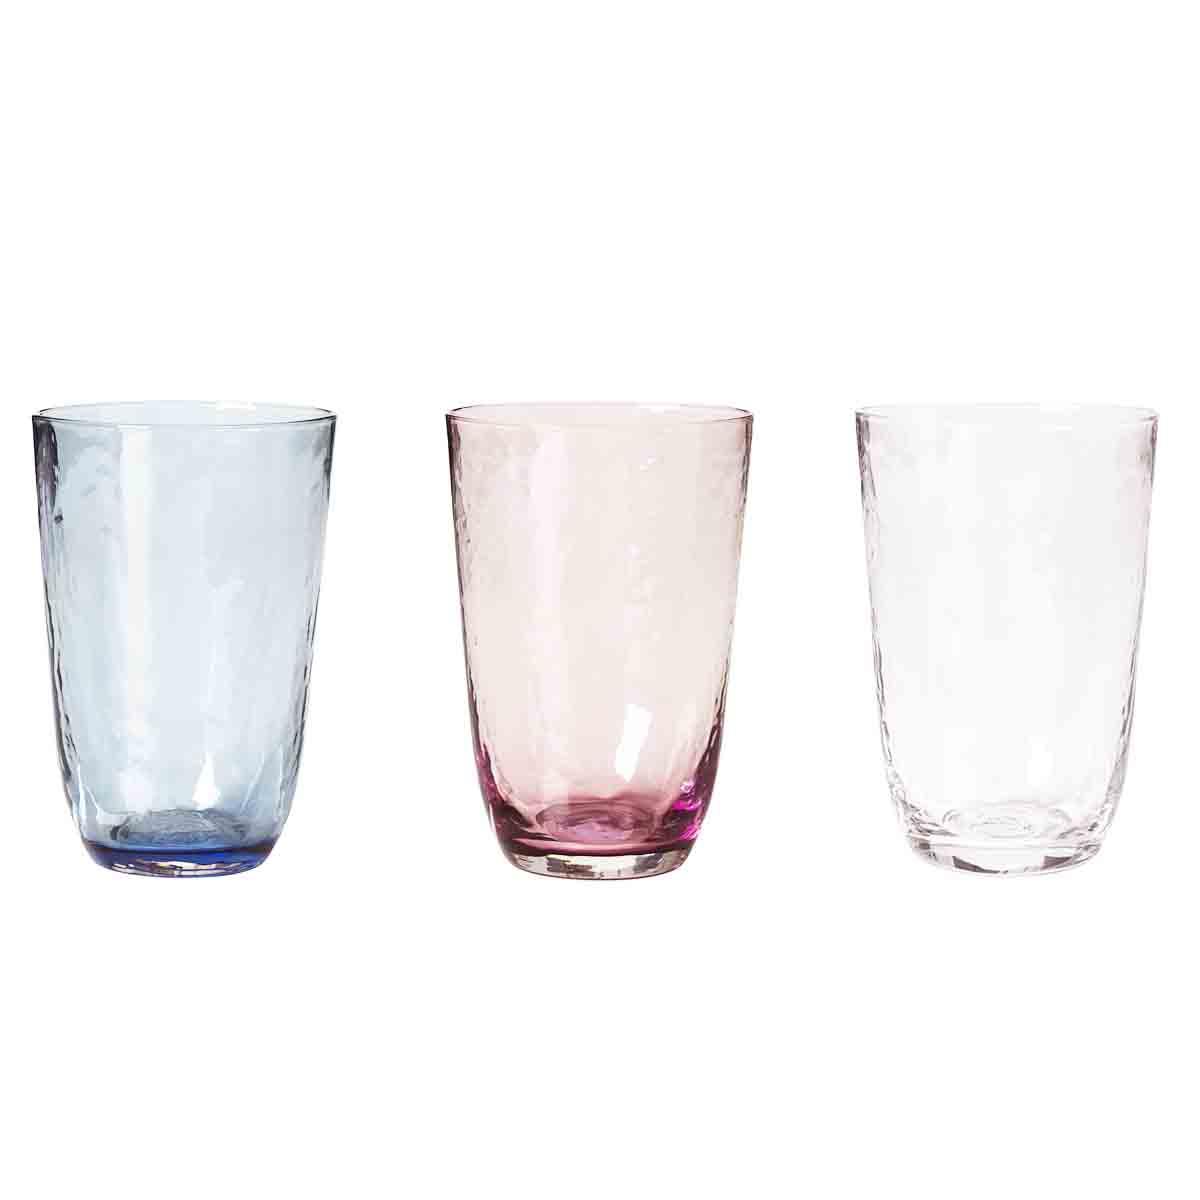 Image of   Broste Copenhagen Hammered glas - 3 stk mix farver - 50 cl